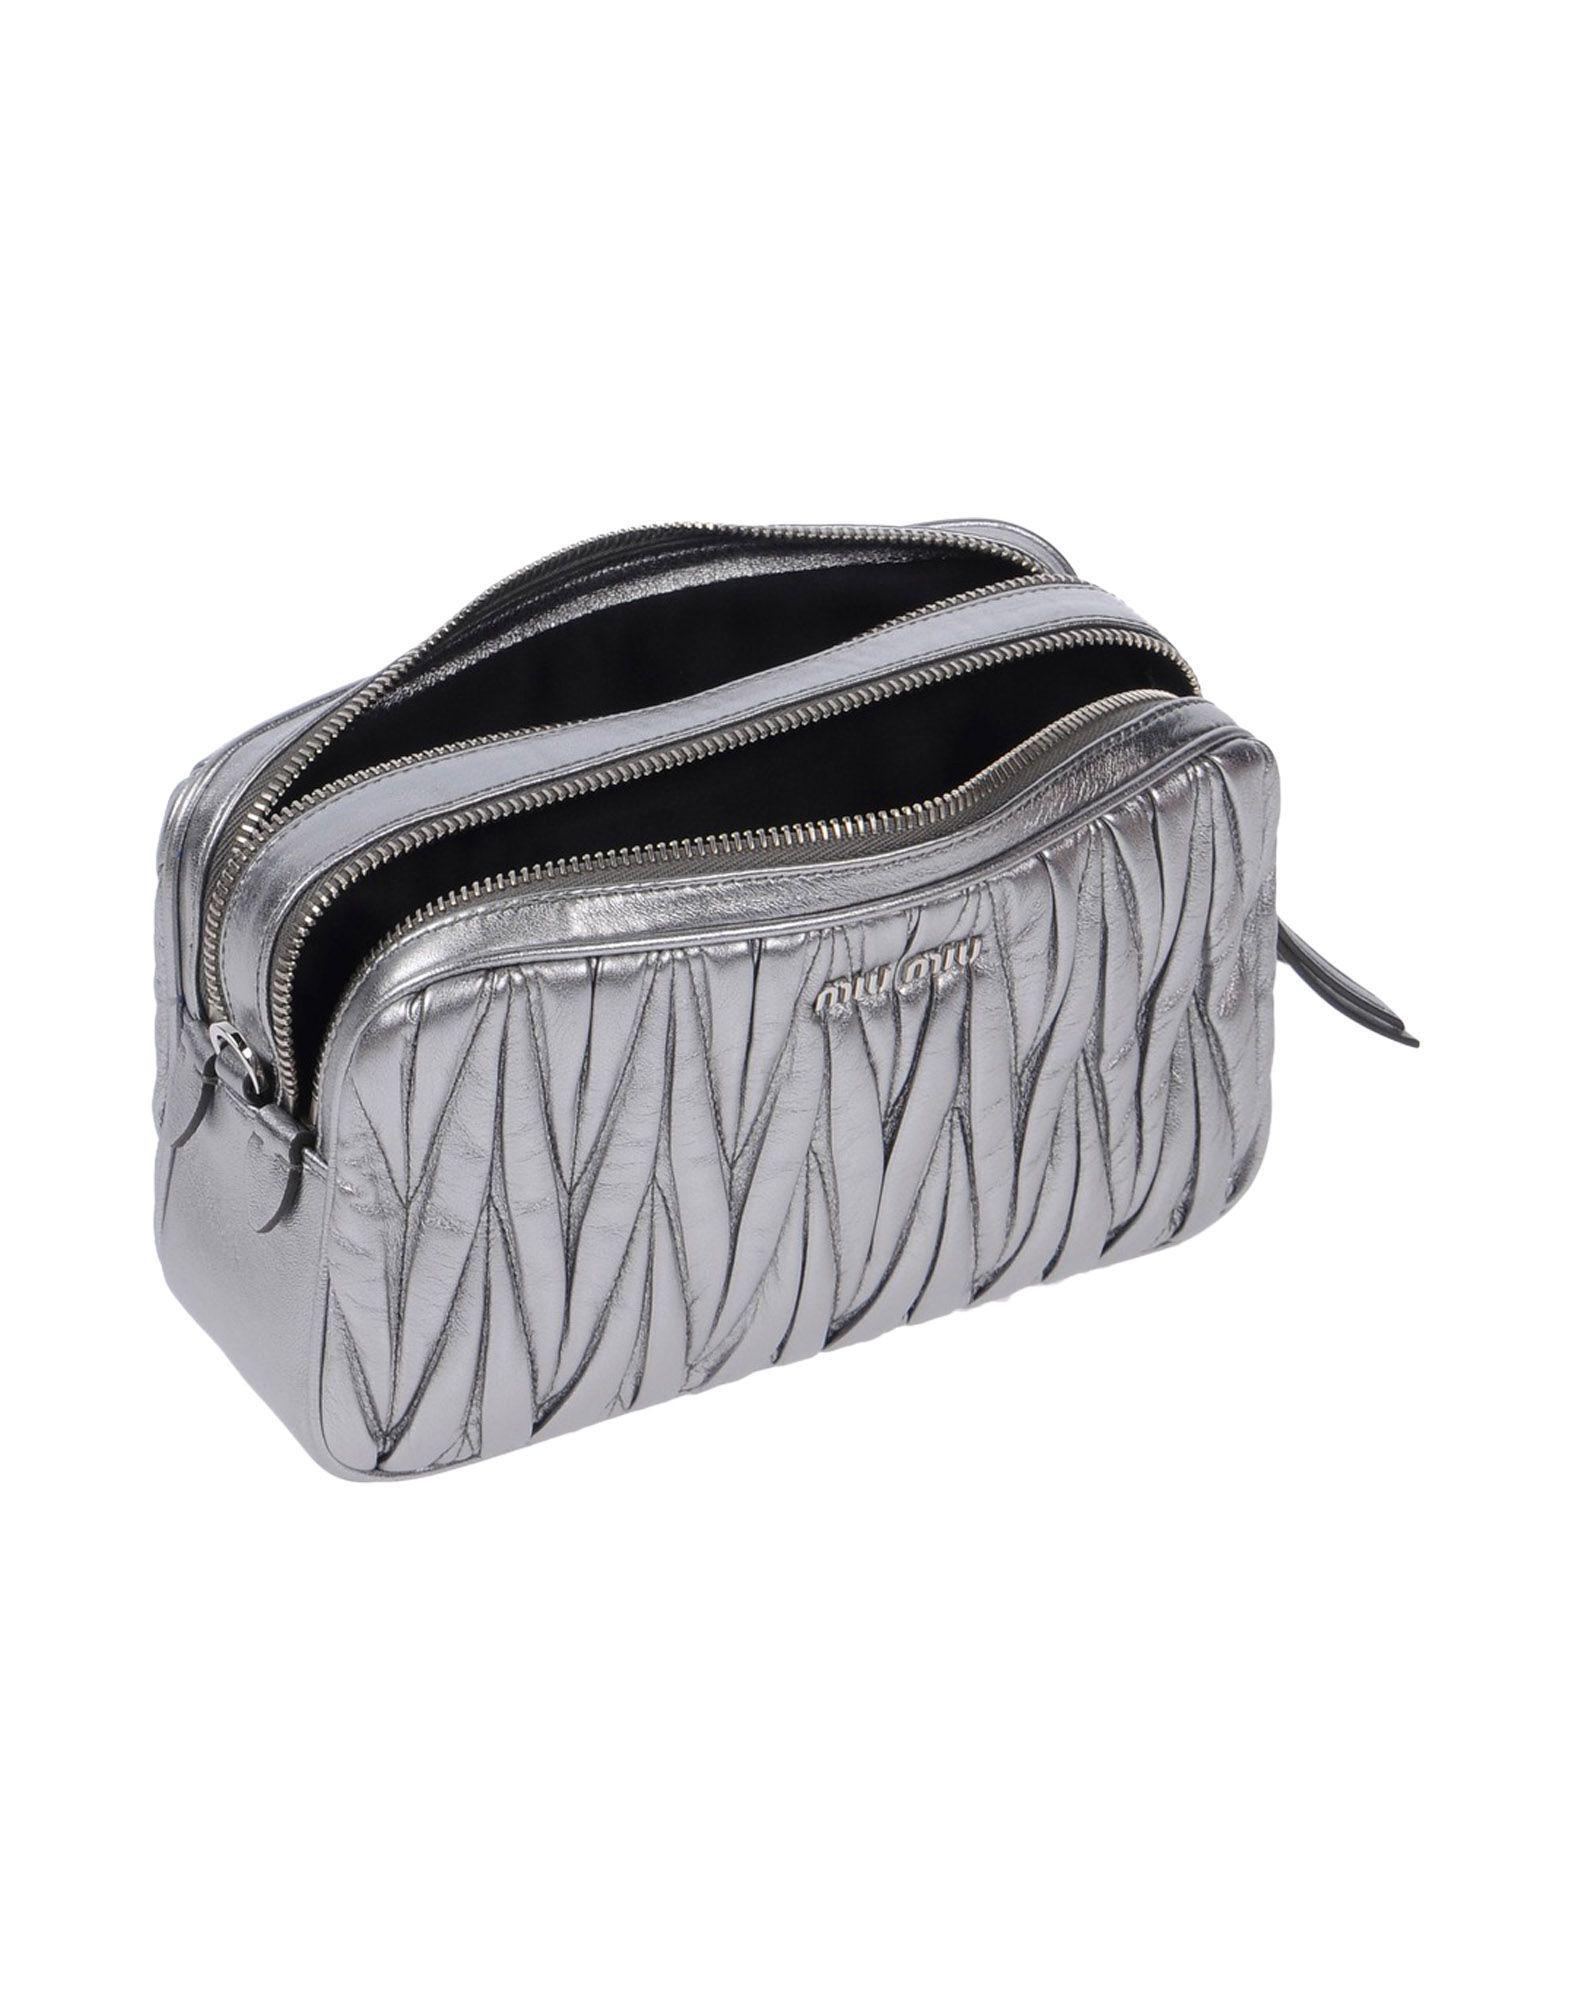 Miu Miu Leather Cross-body Bag in Silver (Metallic)